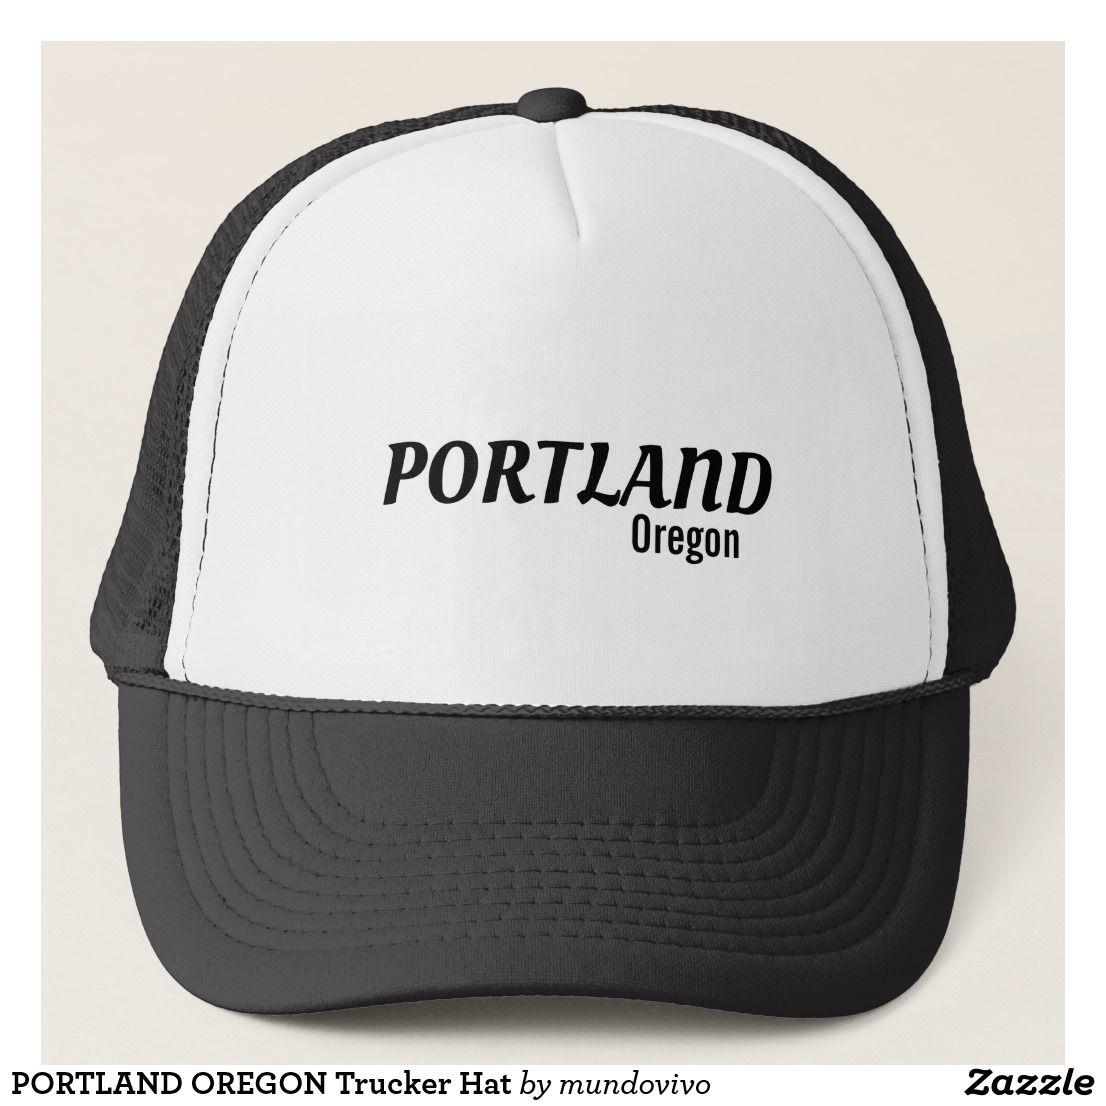 Portland Oregon Trucker Hat Zazzle Com Trucker Hat Trucker Hats